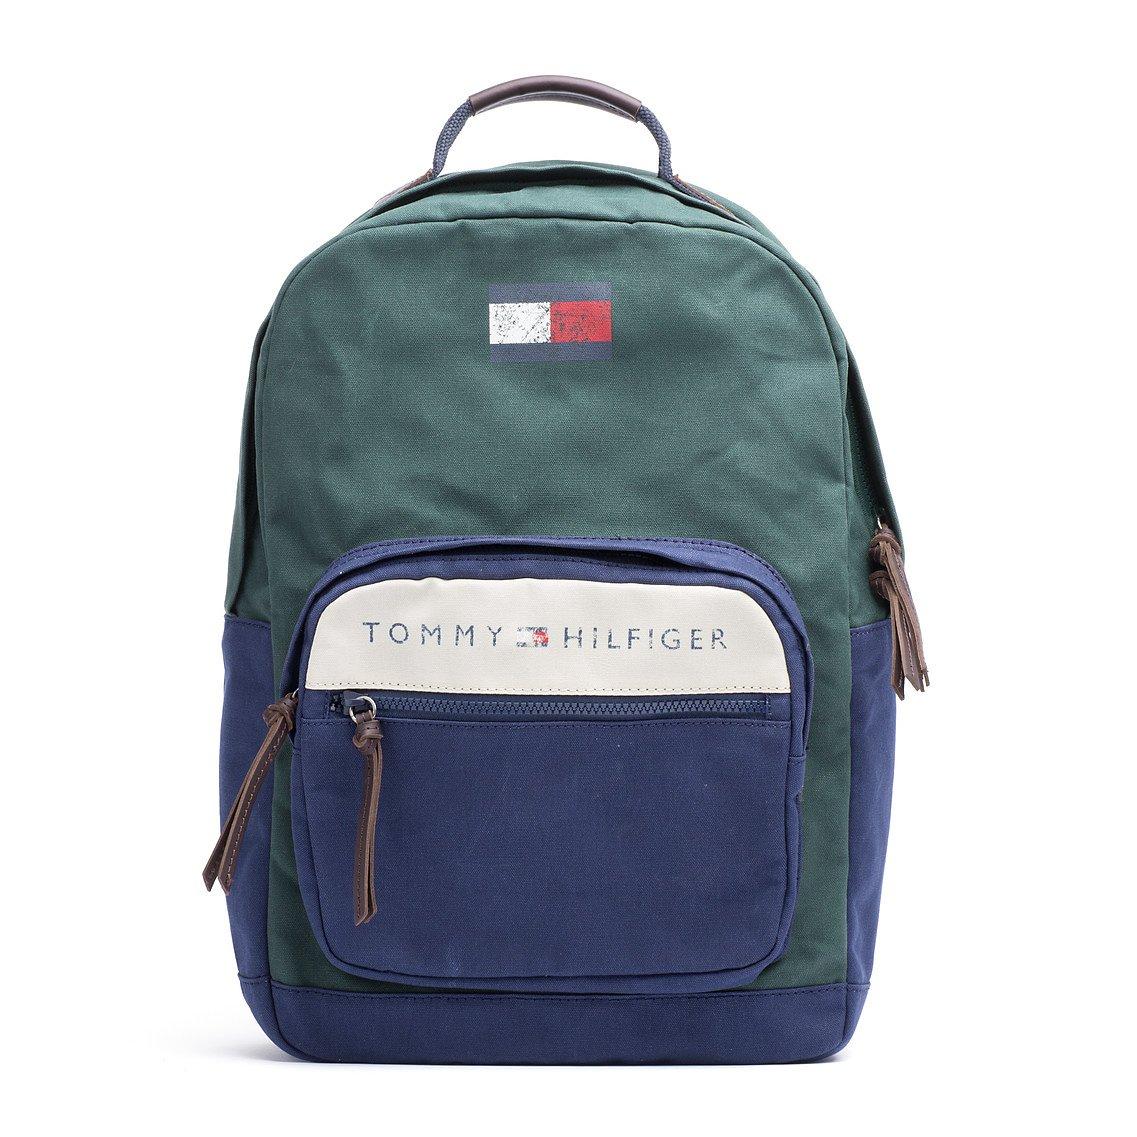 tommy hilfiger lance backpack in blue for men darkest. Black Bedroom Furniture Sets. Home Design Ideas